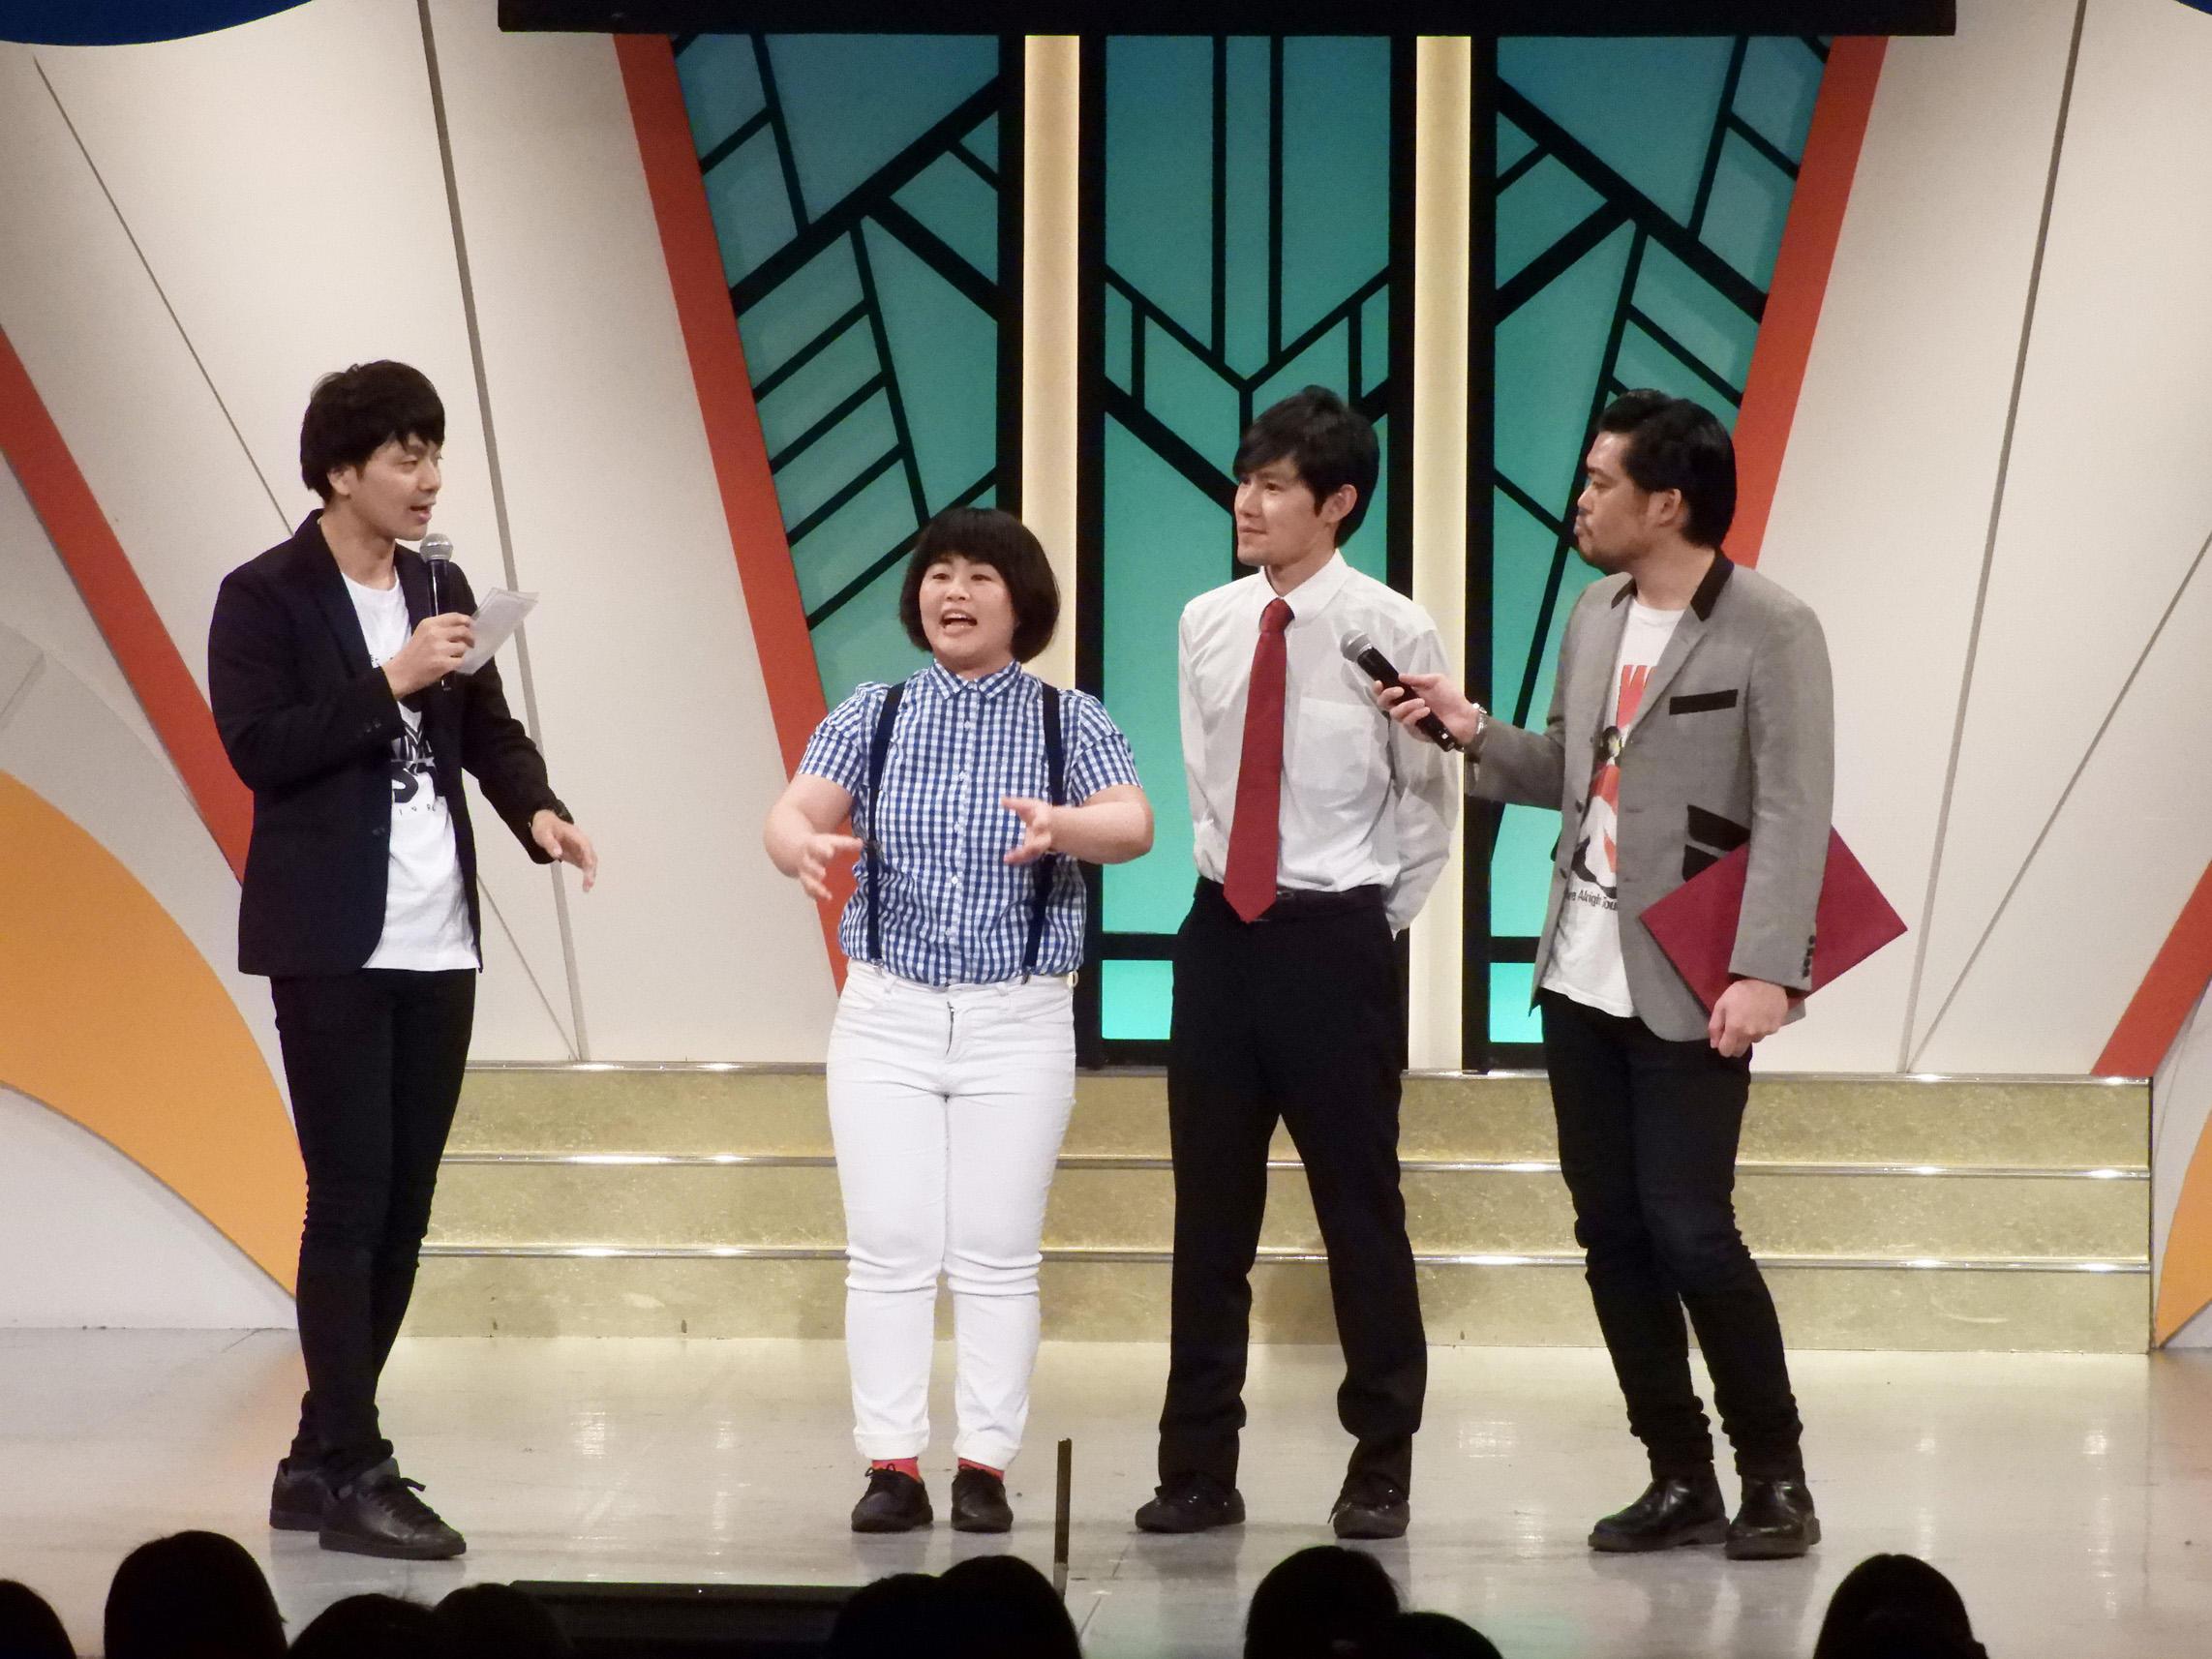 http://news.yoshimoto.co.jp/20181109121250-89fc1ad8d20195bc4dd50f7fd8a67077e596d05d.jpg